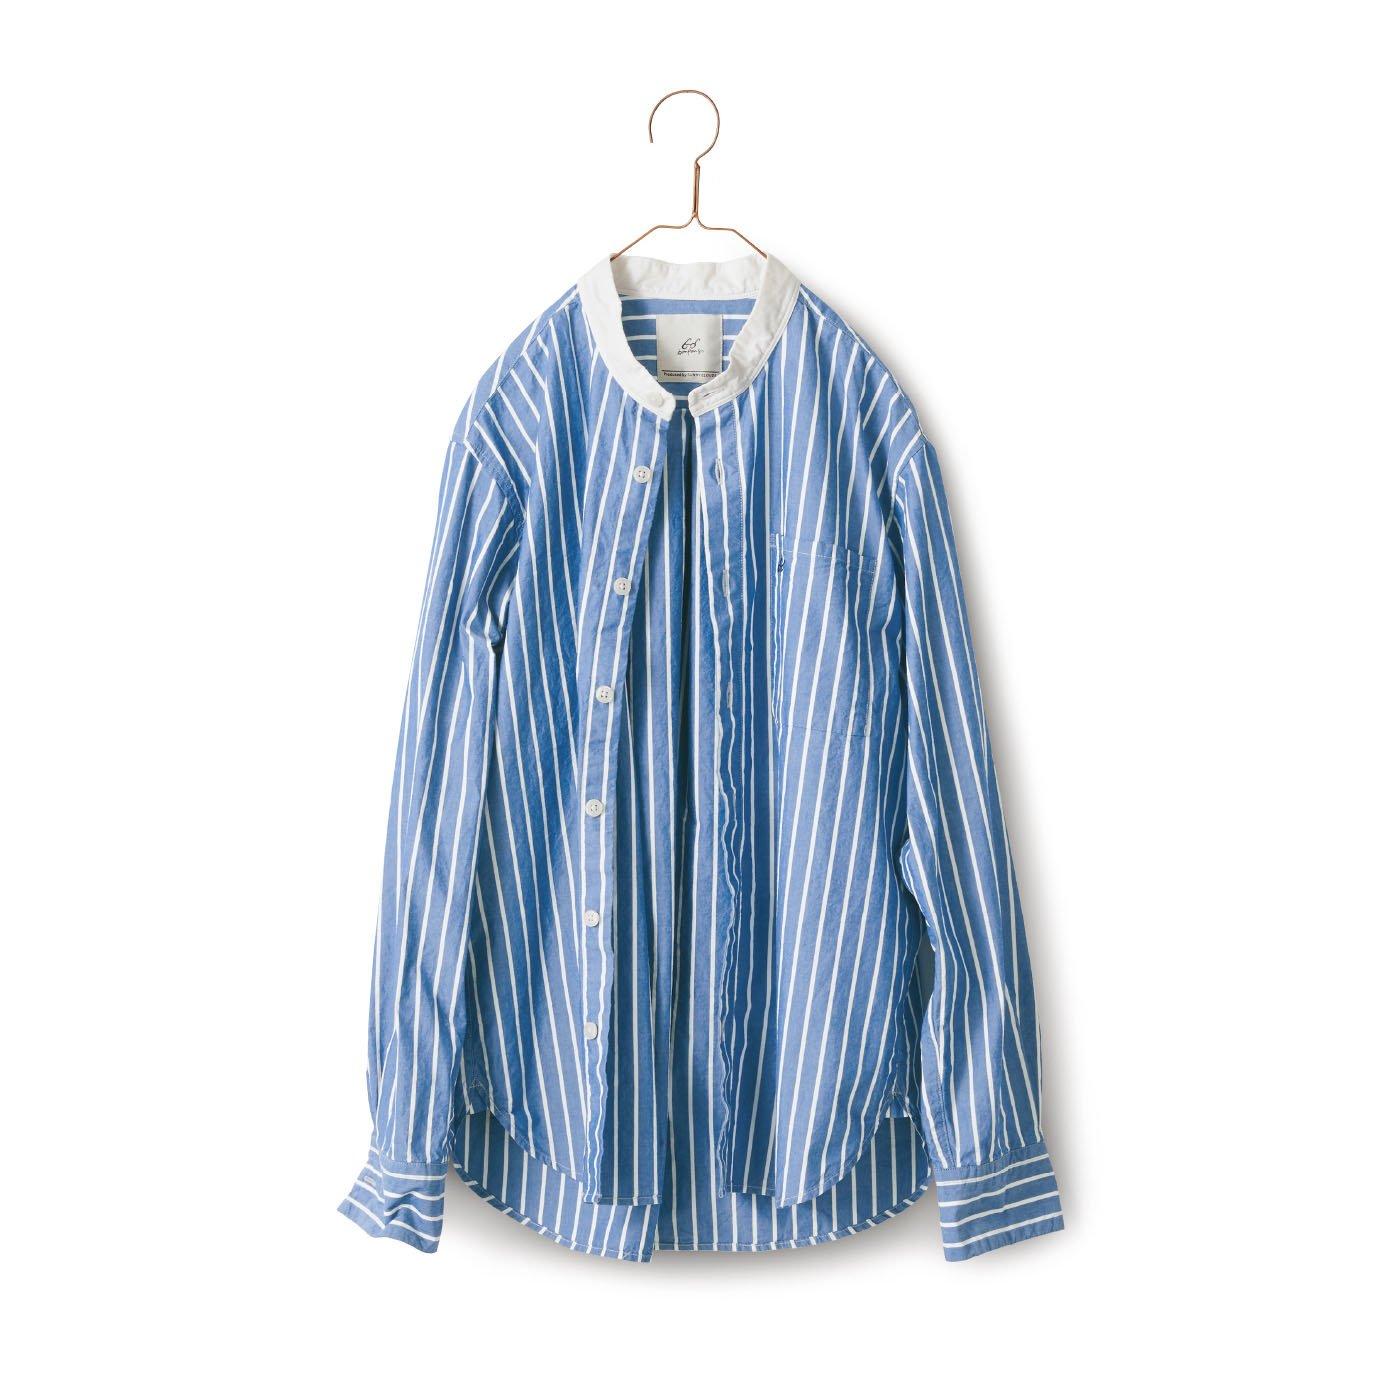 サニークラウズ bonのストライプなクレリックシャツ〈メンズ〉